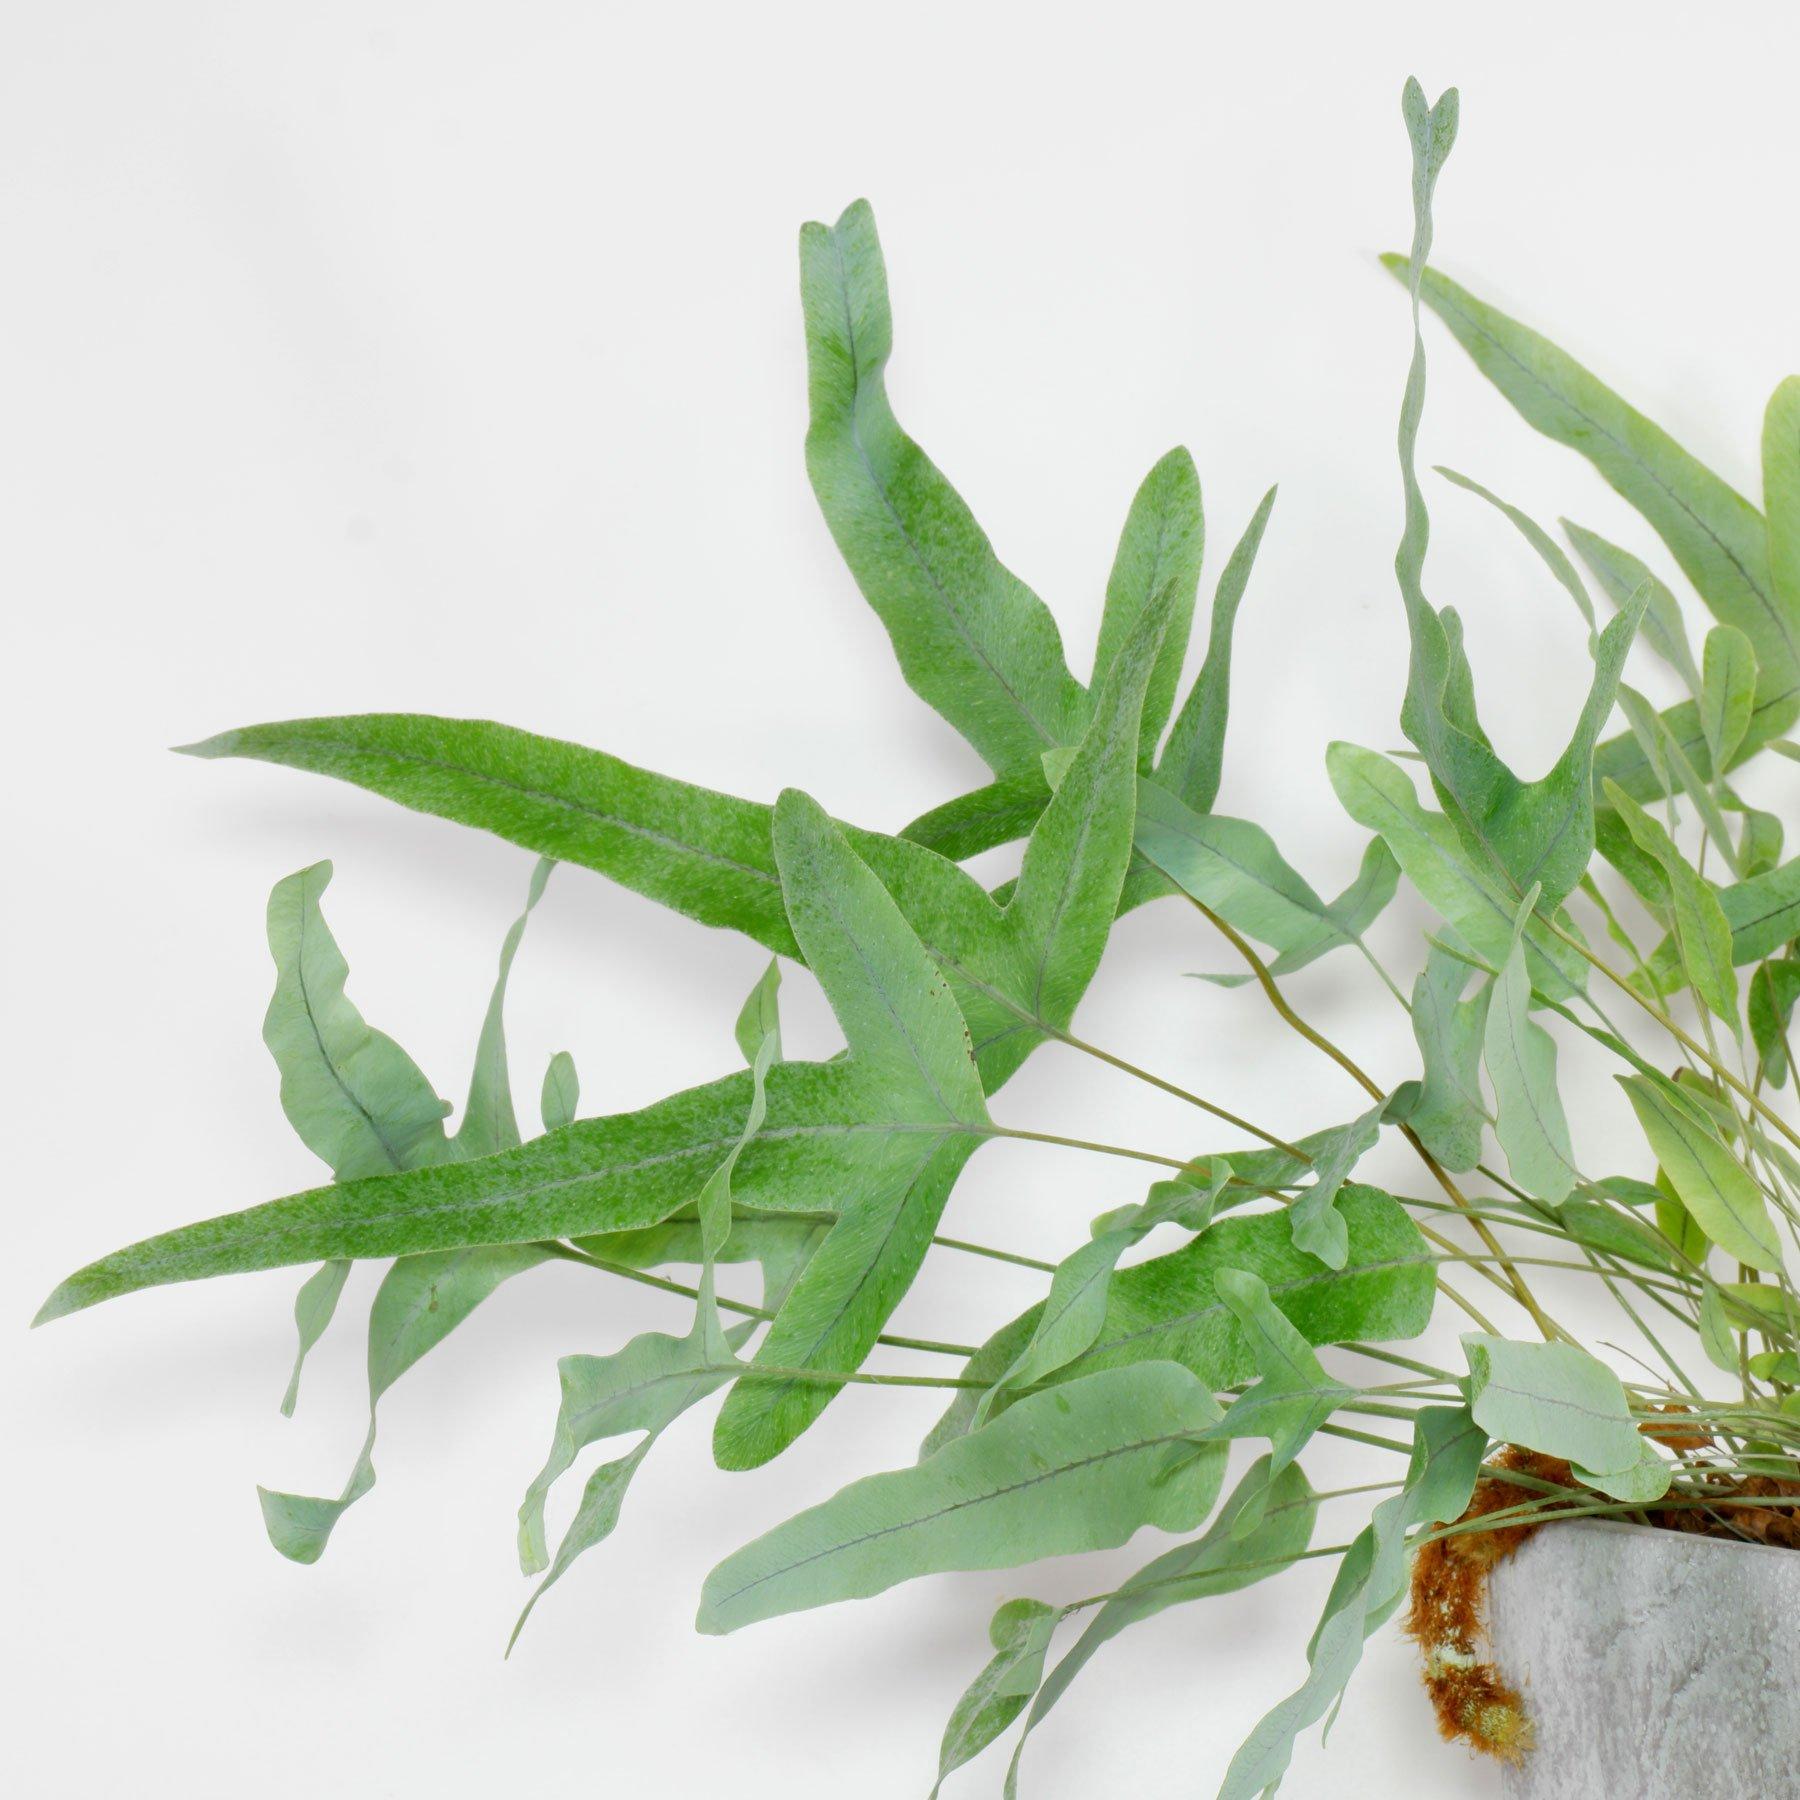 Phlebodium aureum